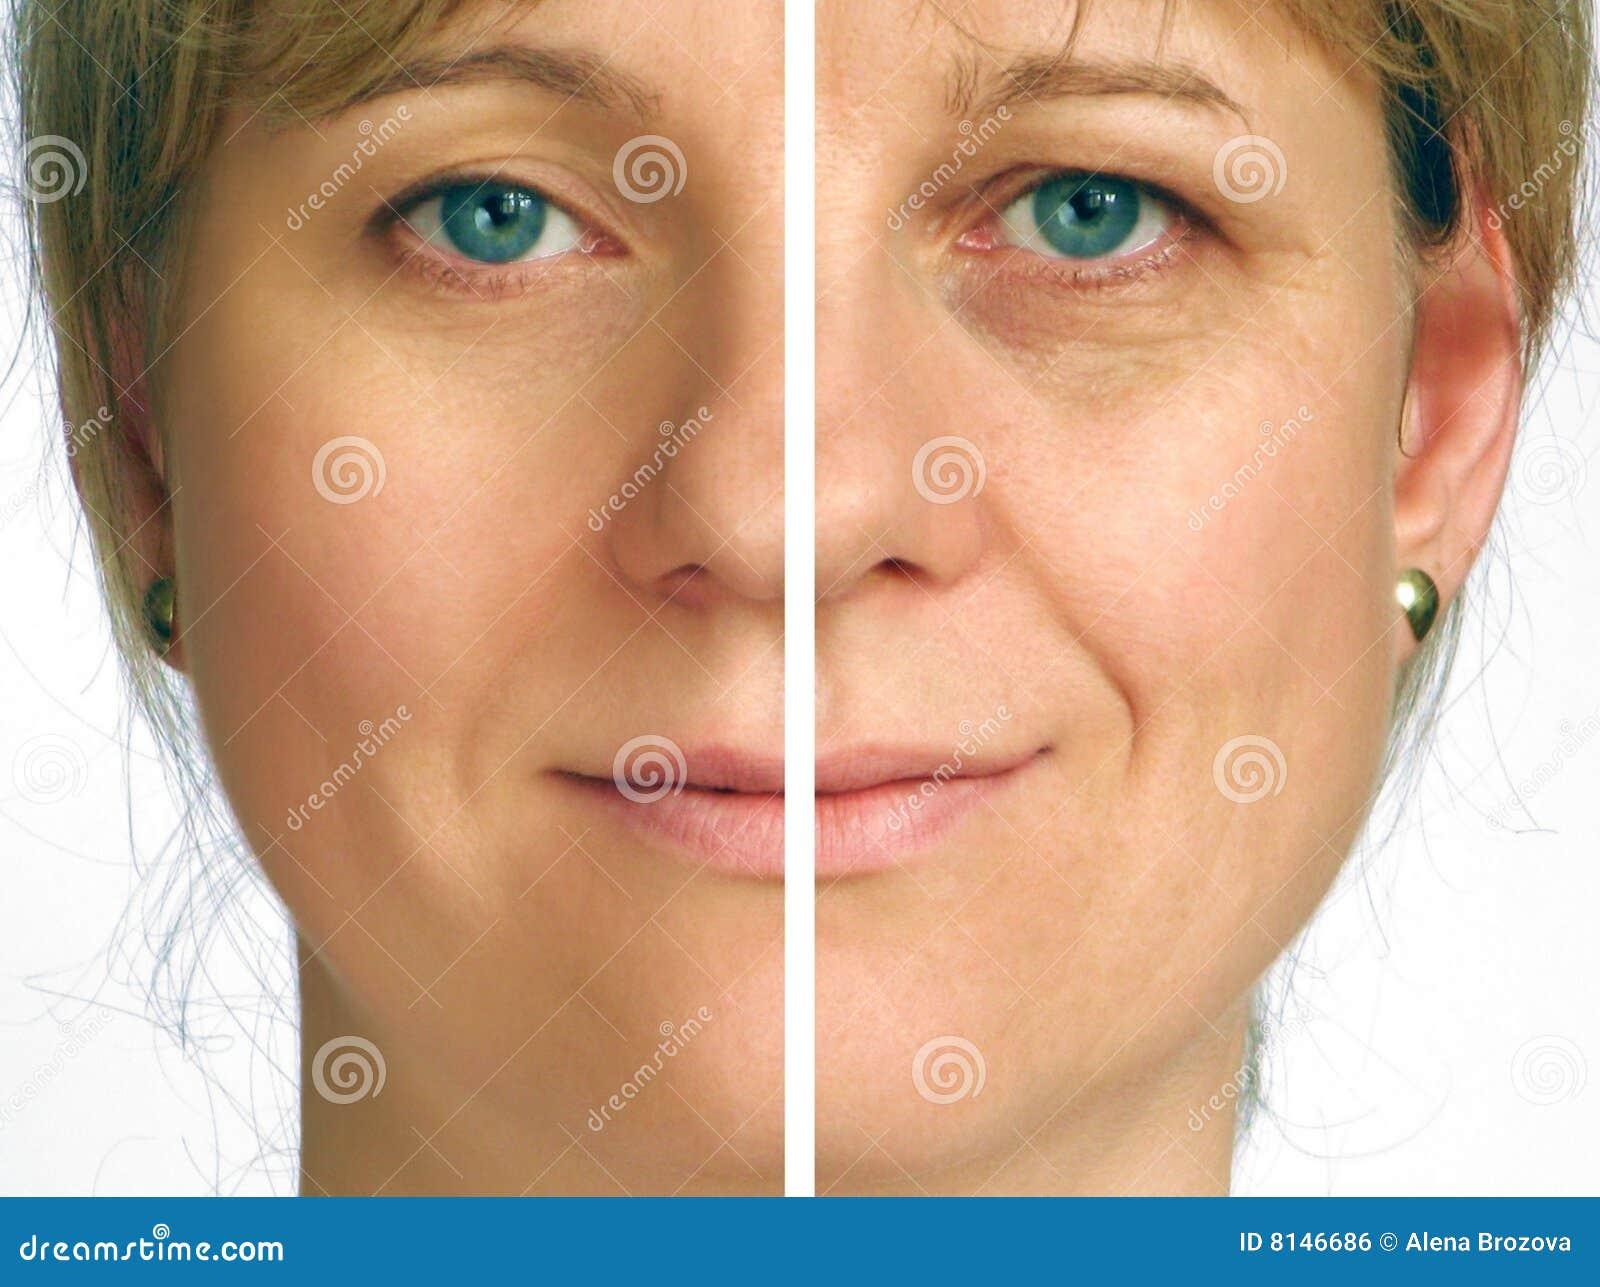 Corrección de arrugas - mitad de la cara